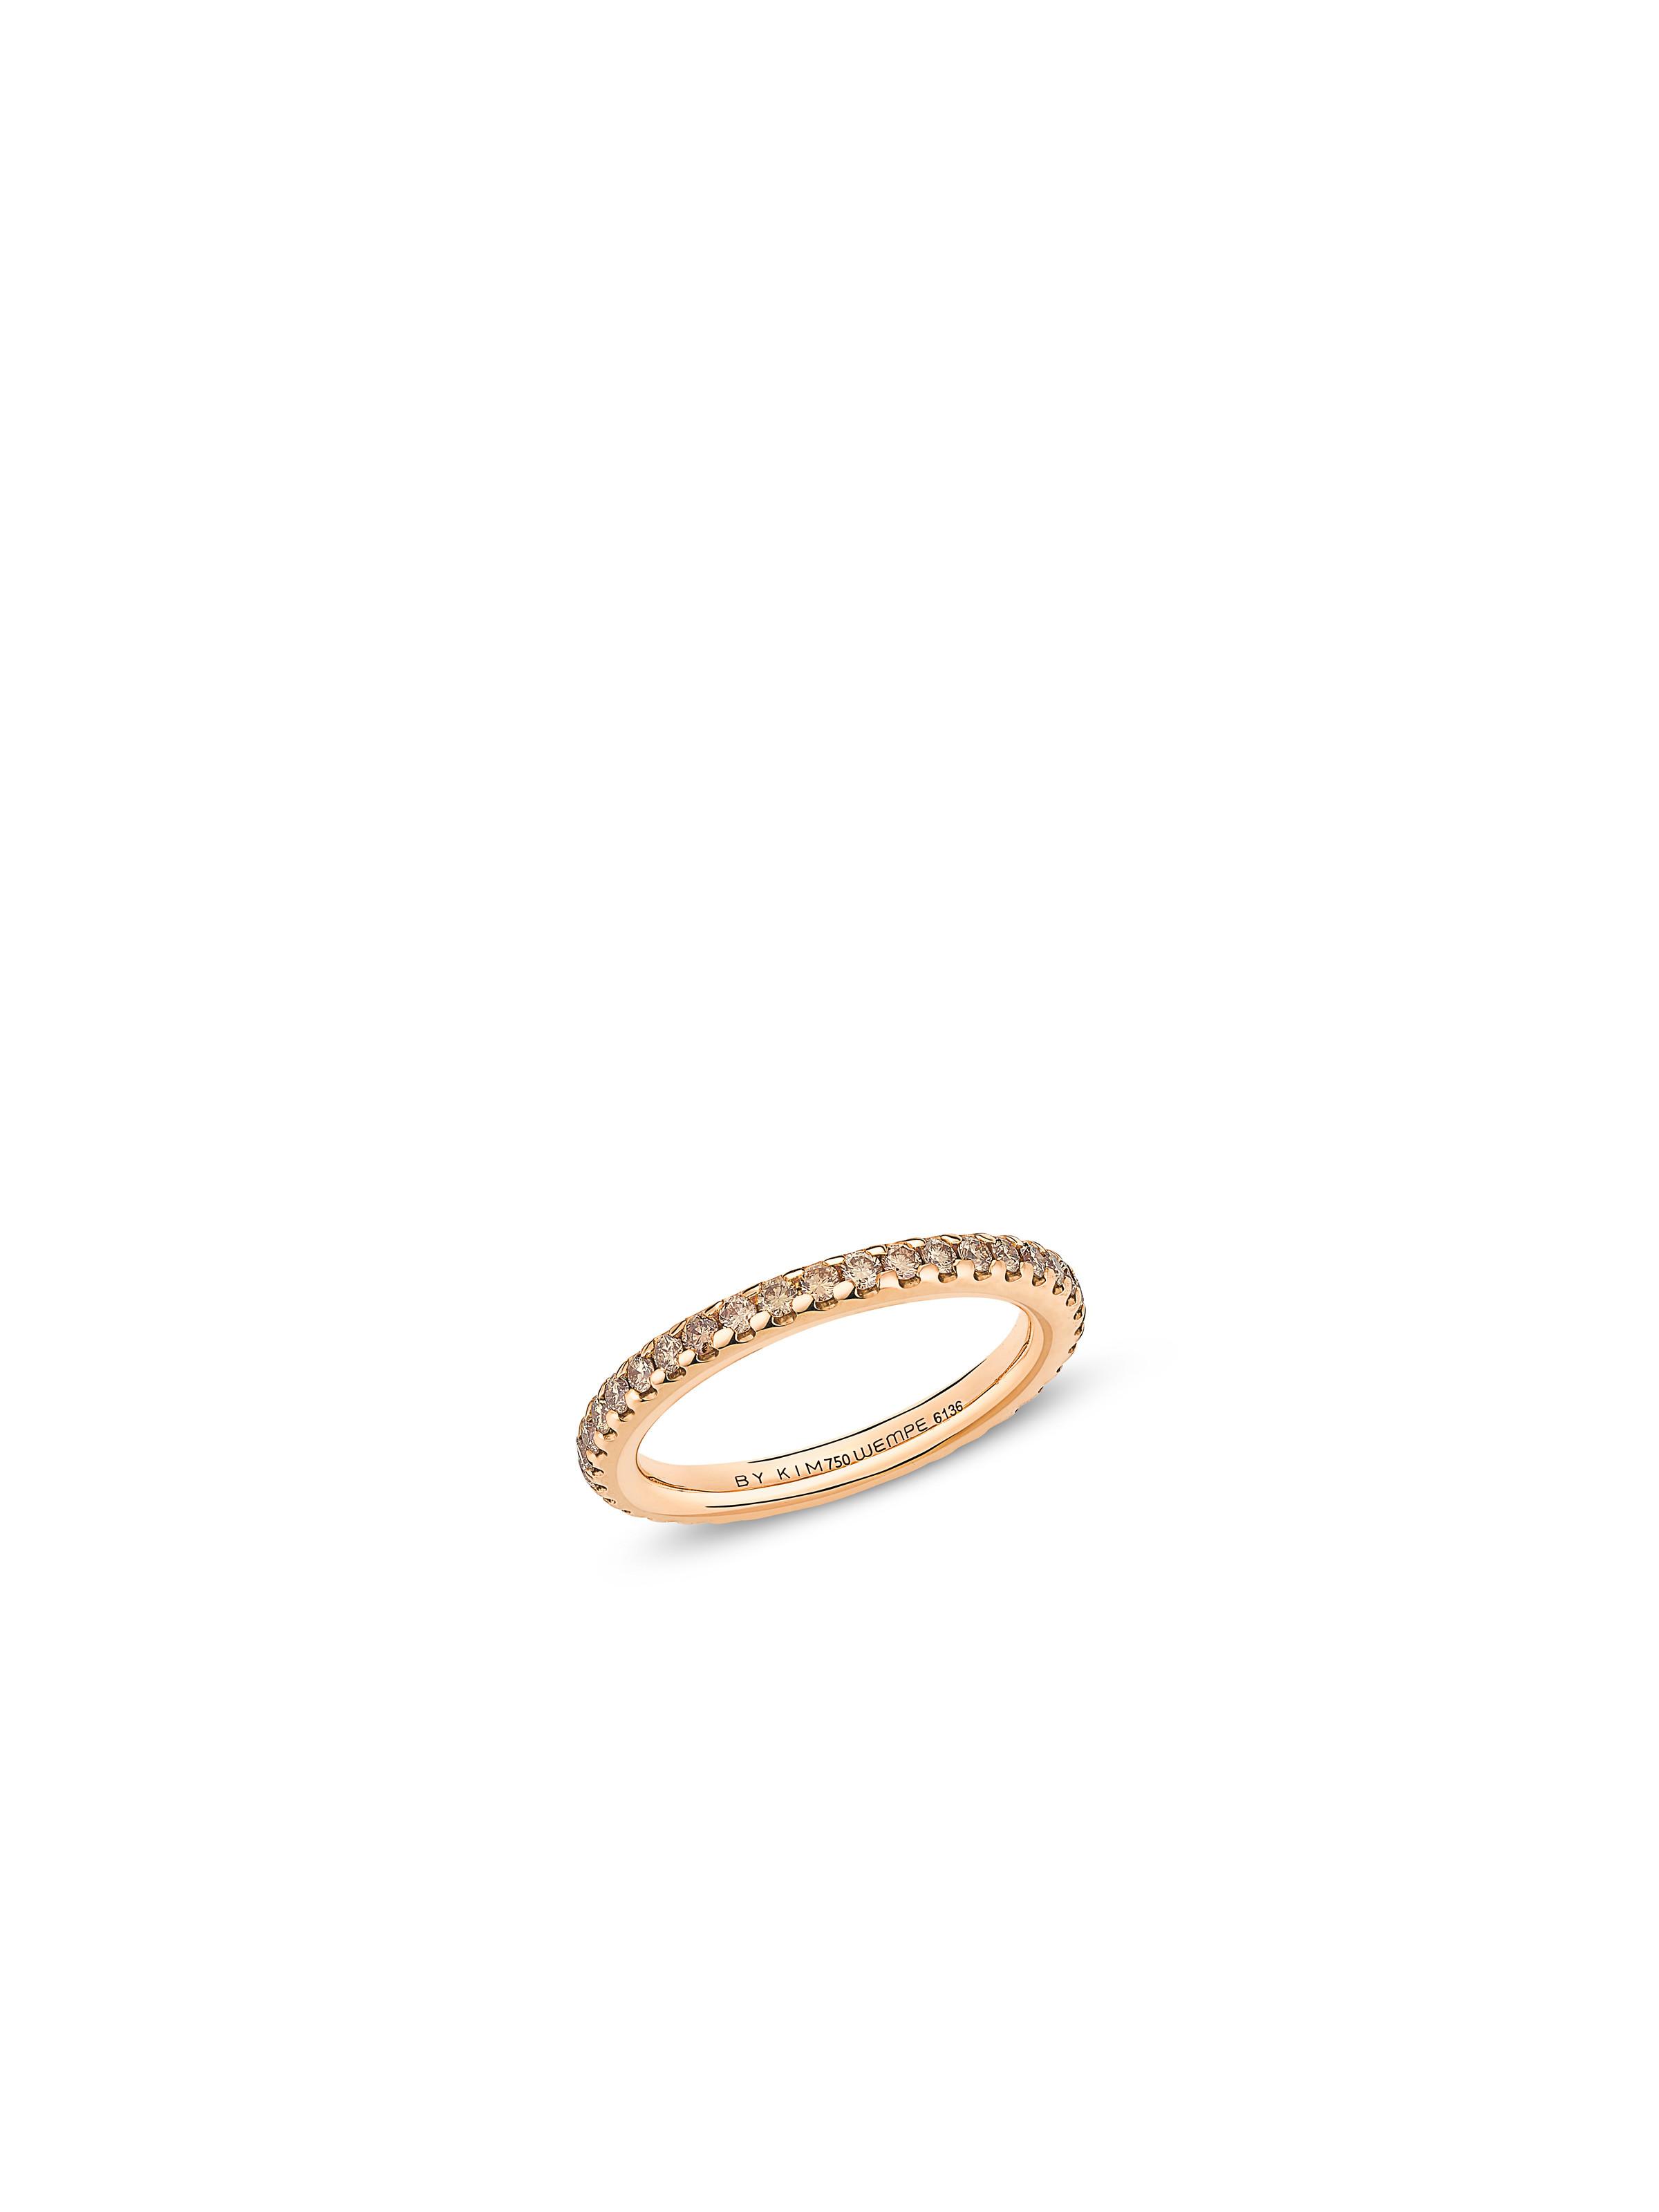 Blu ring